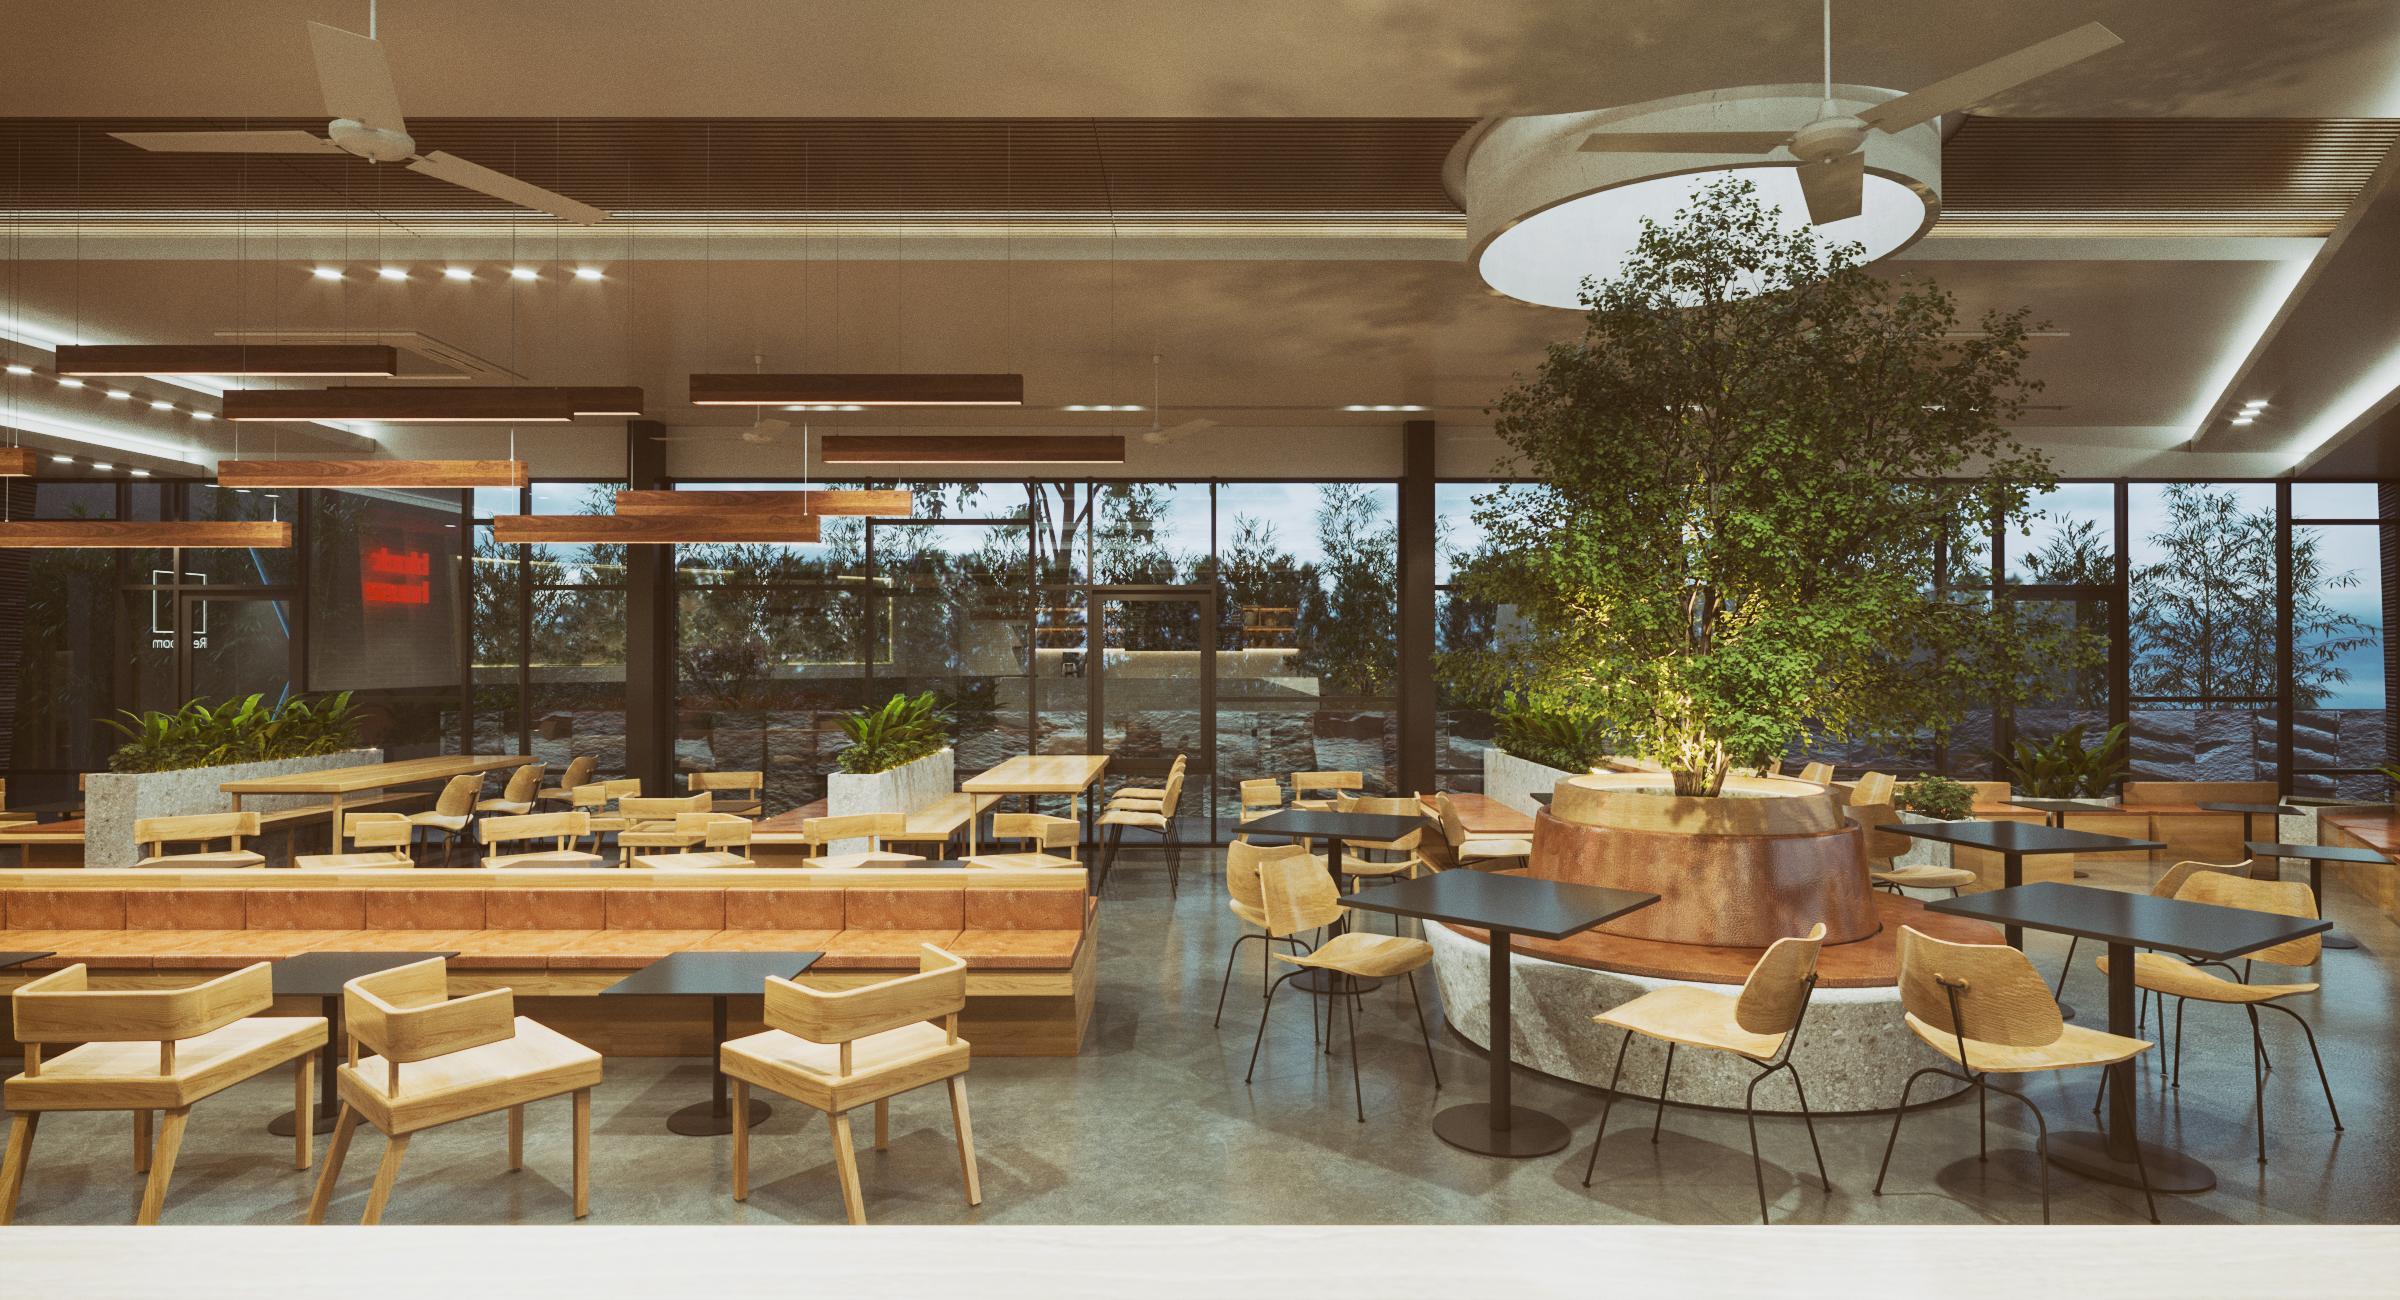 Thiết kế nội thất Cafe tại Long An Block house 1590076482 3